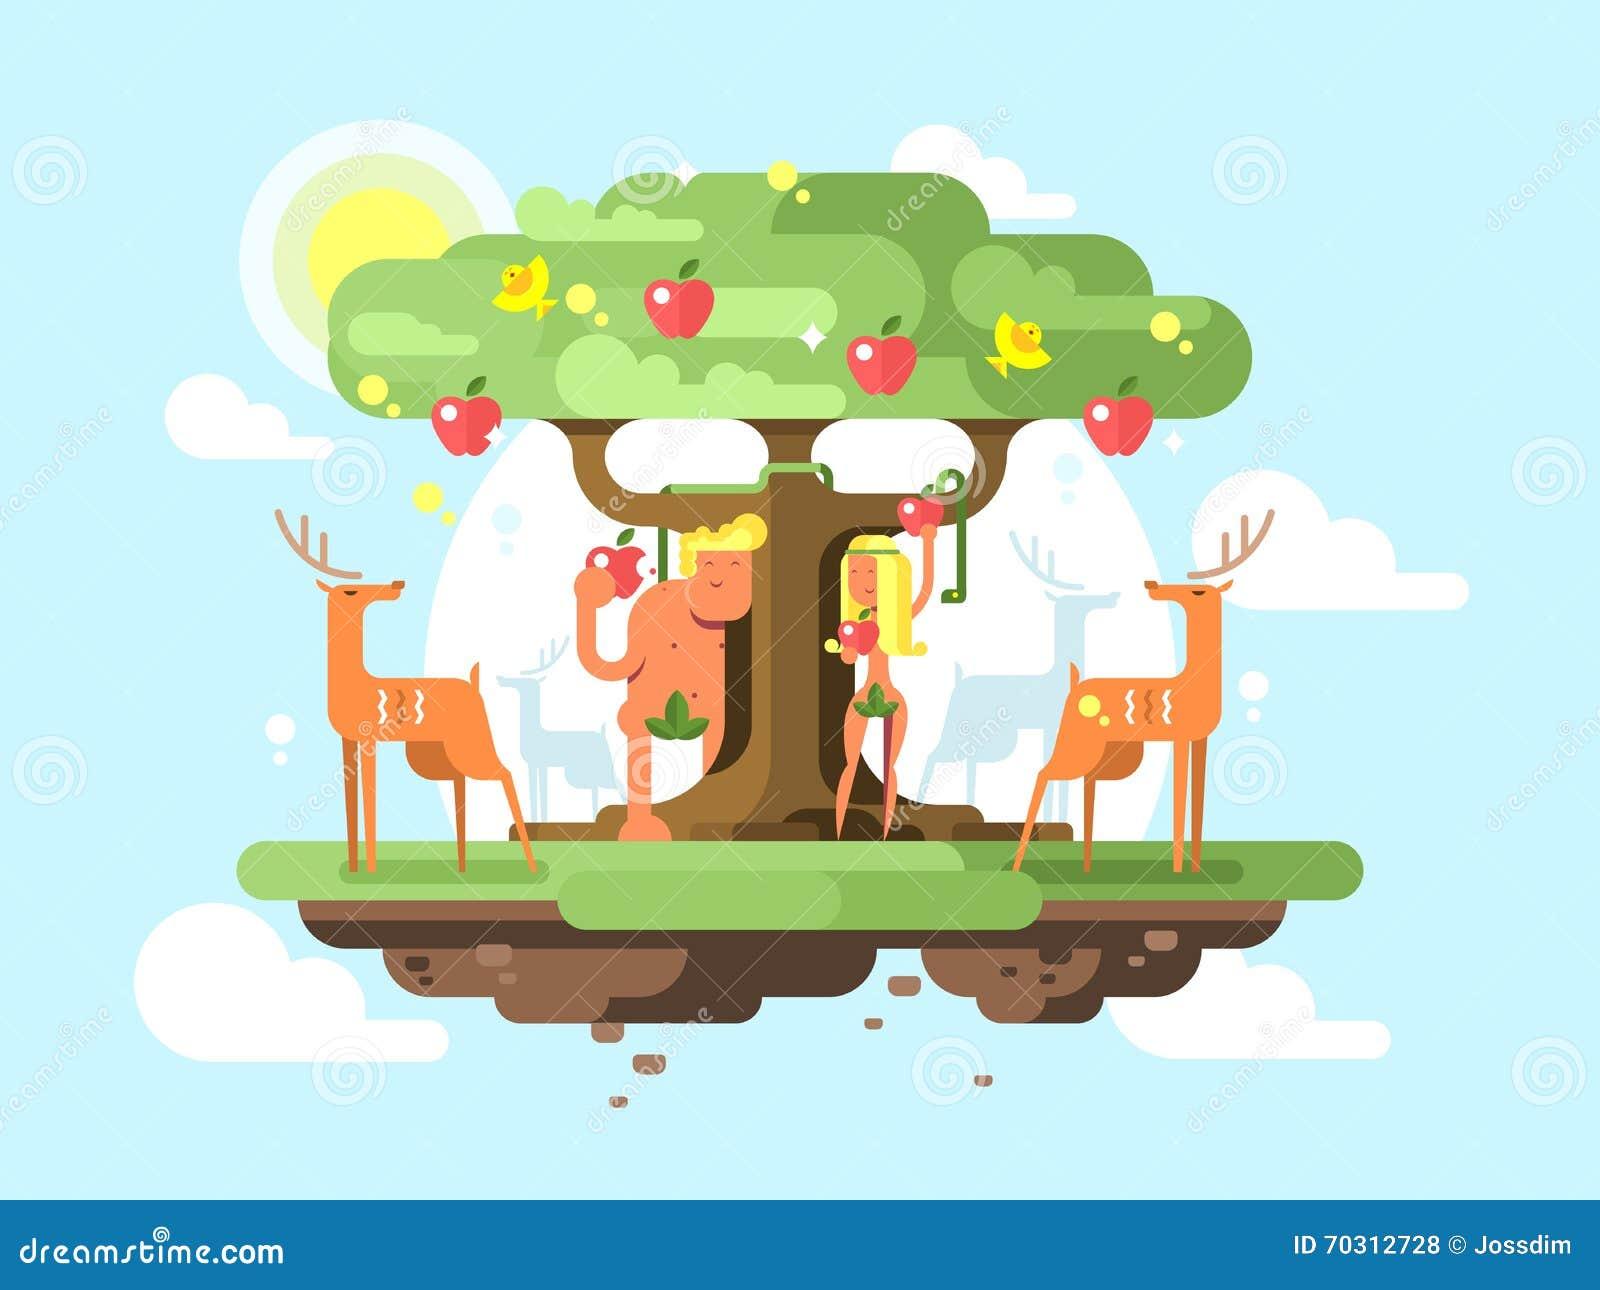 Adam en Vooravond dichtbij een boom